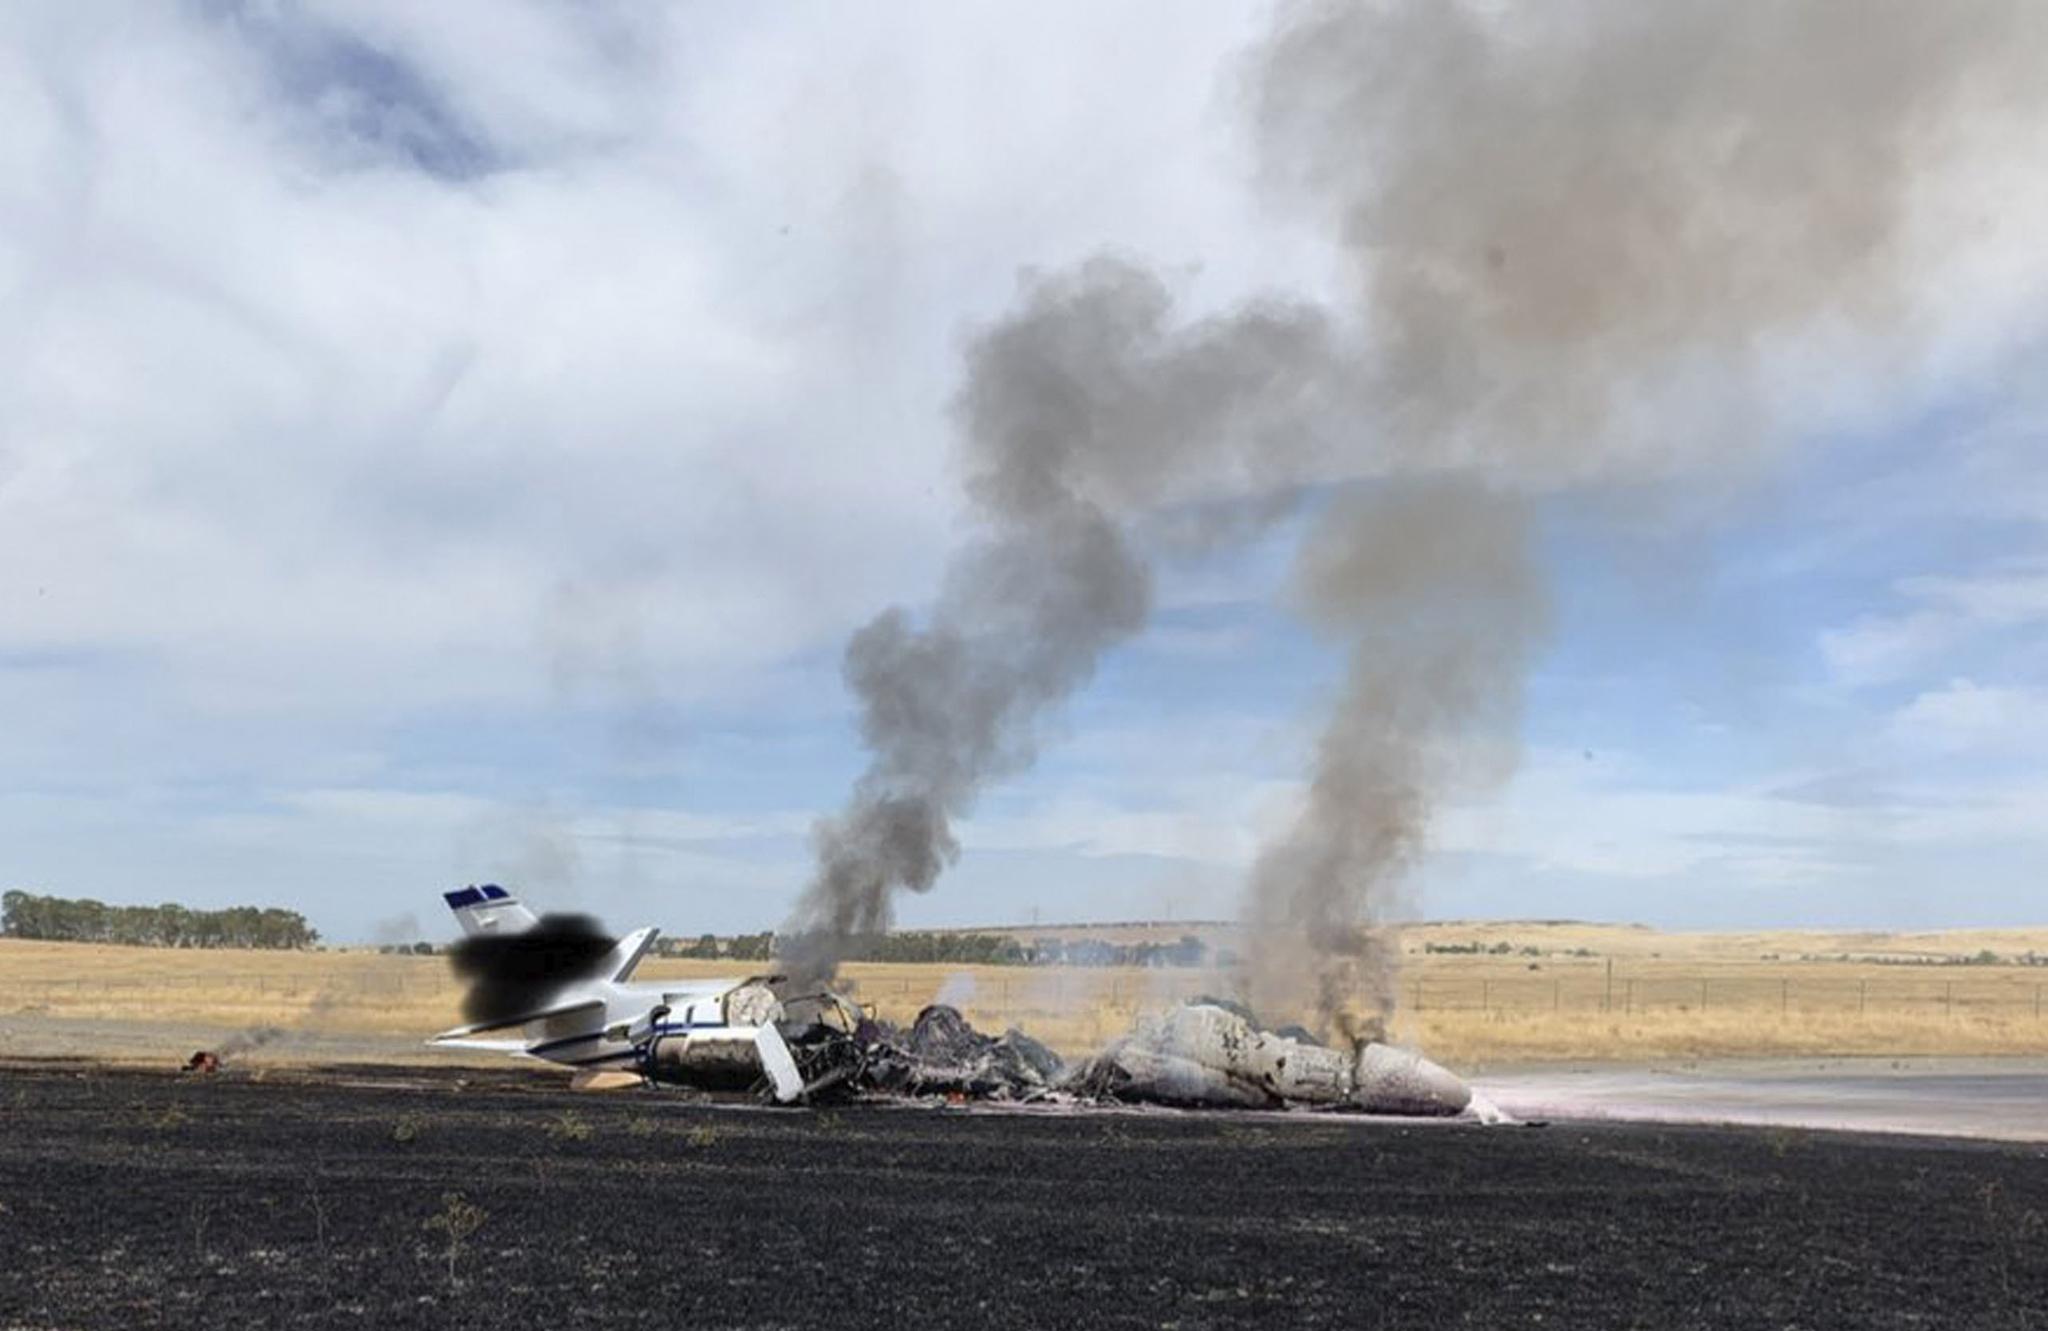 21일(현지시간) 미 캘리포니아주 오로빌의 오로빌 공항 활주로 끝에 불에 탄 제트기의 잔해가 남아 있다. [AP=연합뉴스]